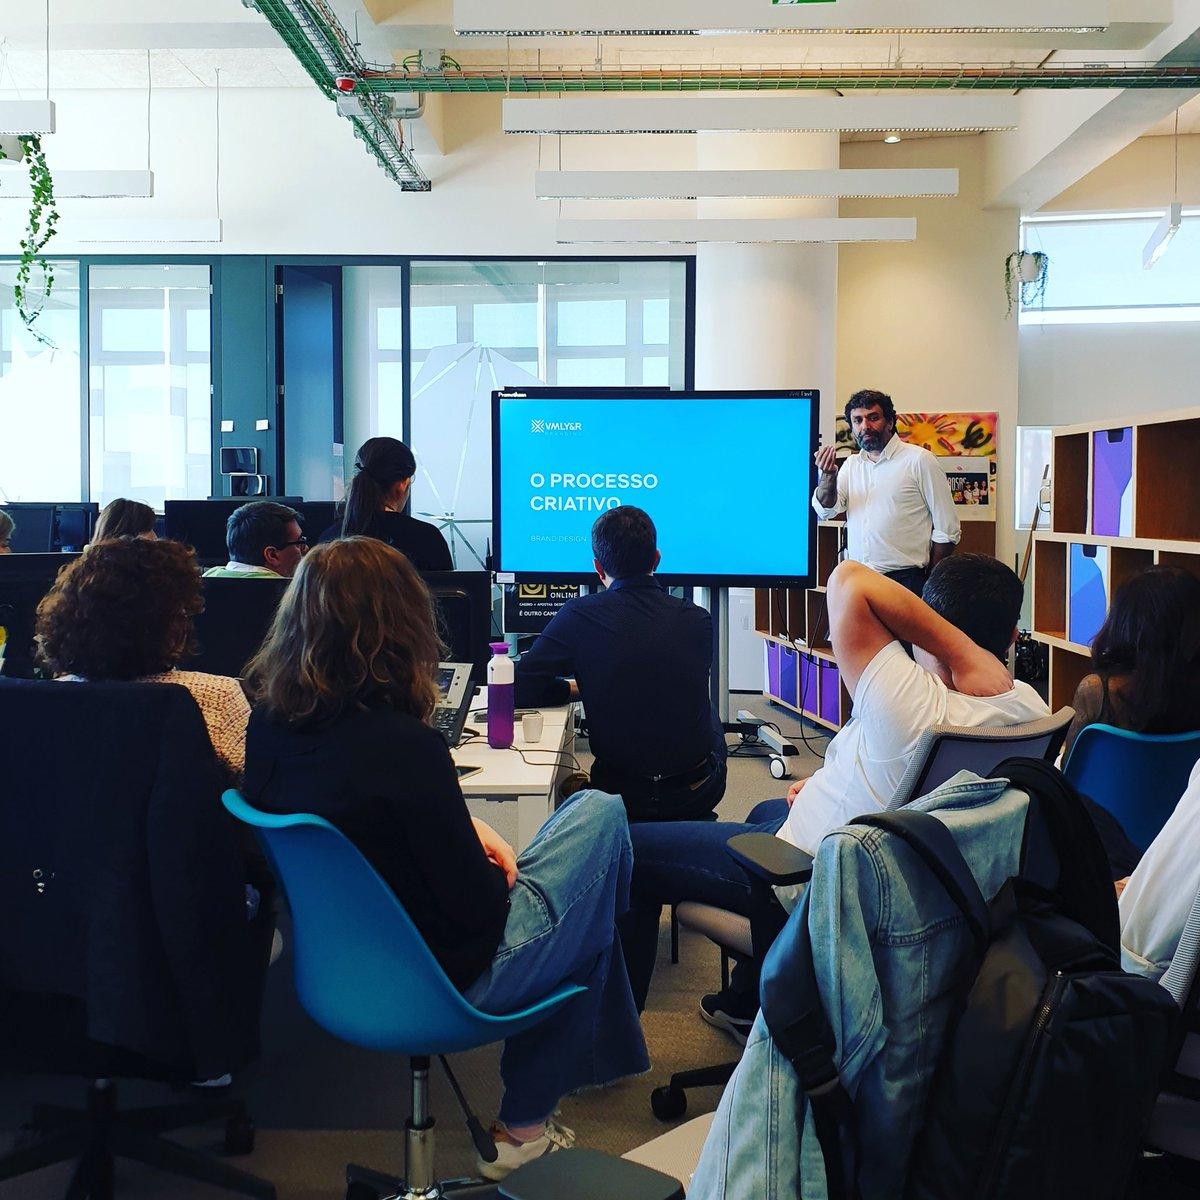 Momento de inspiração do dia com o Director Criativo Helder Pombinho da VML Young.  #TeamMindshare  #ProcessosCriativos